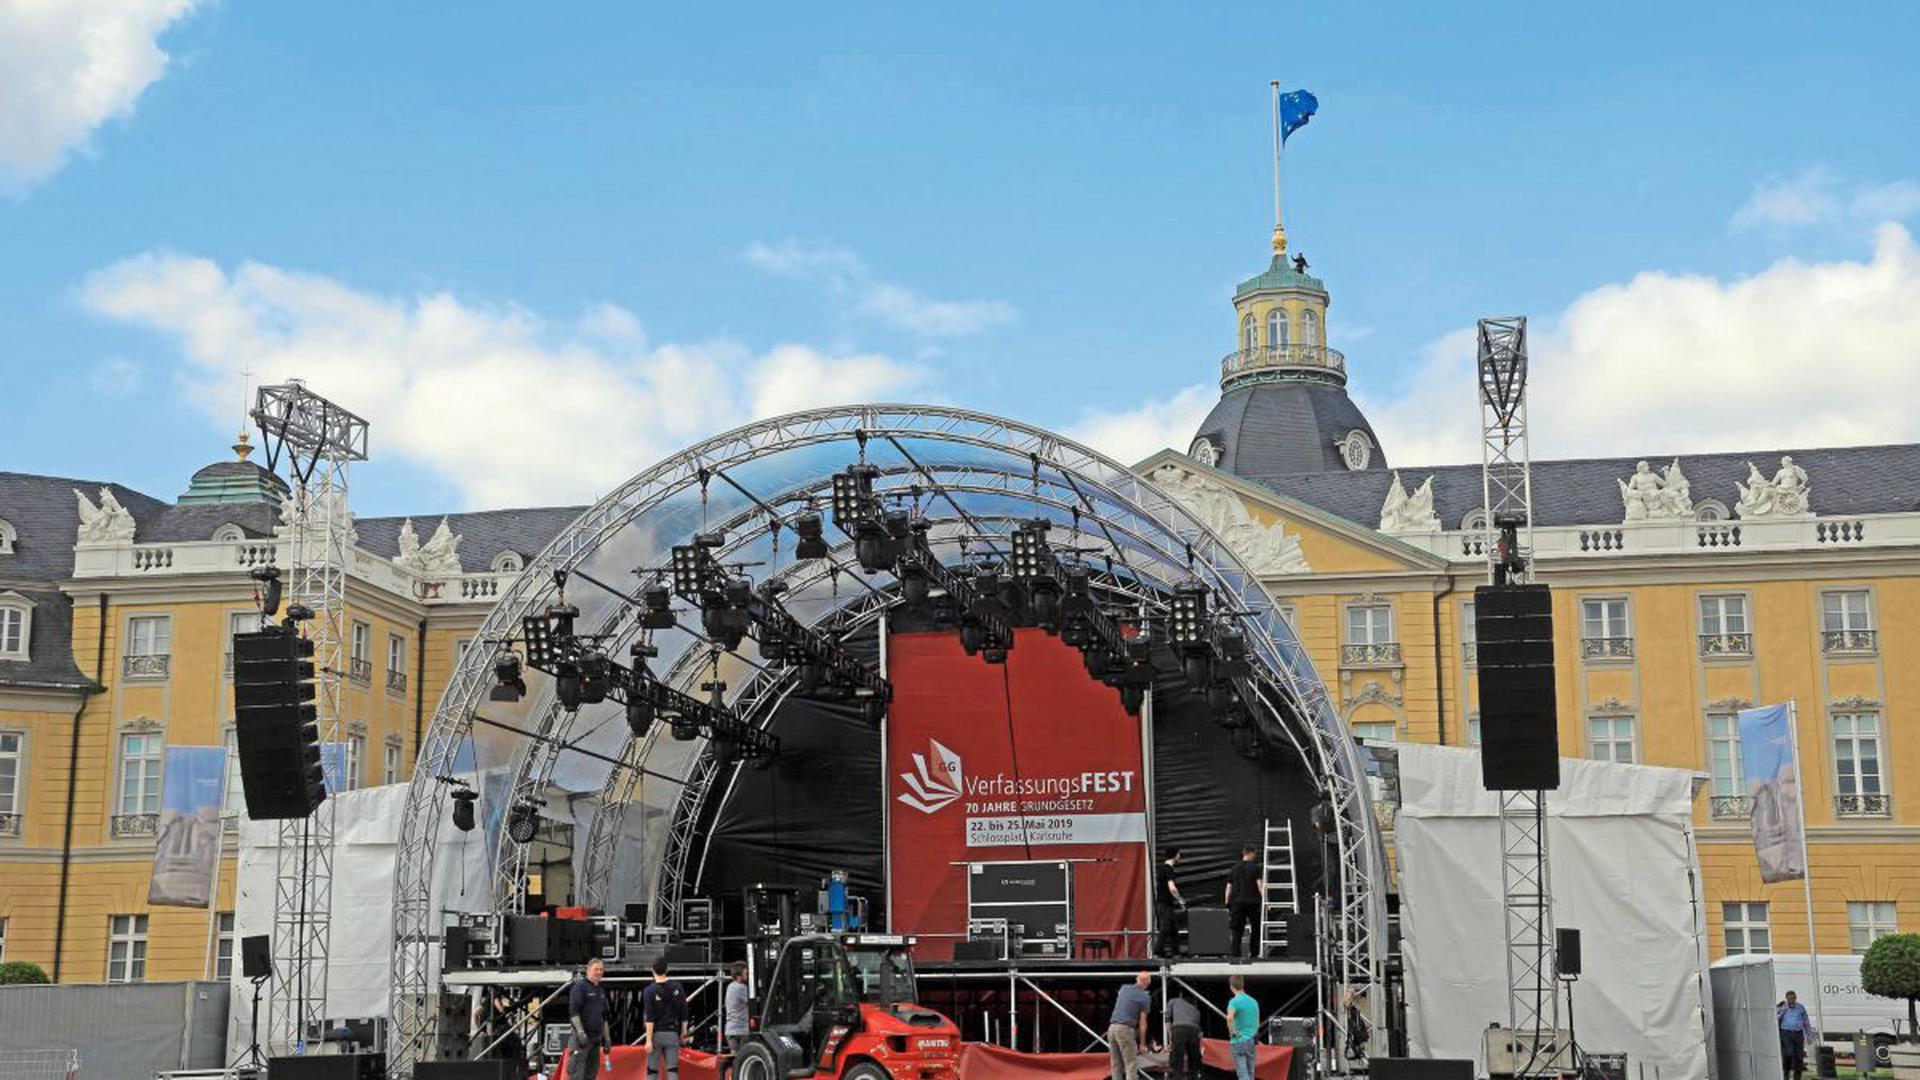 Die Hauptbühne für das Verfassungsfest steht am Schloss.